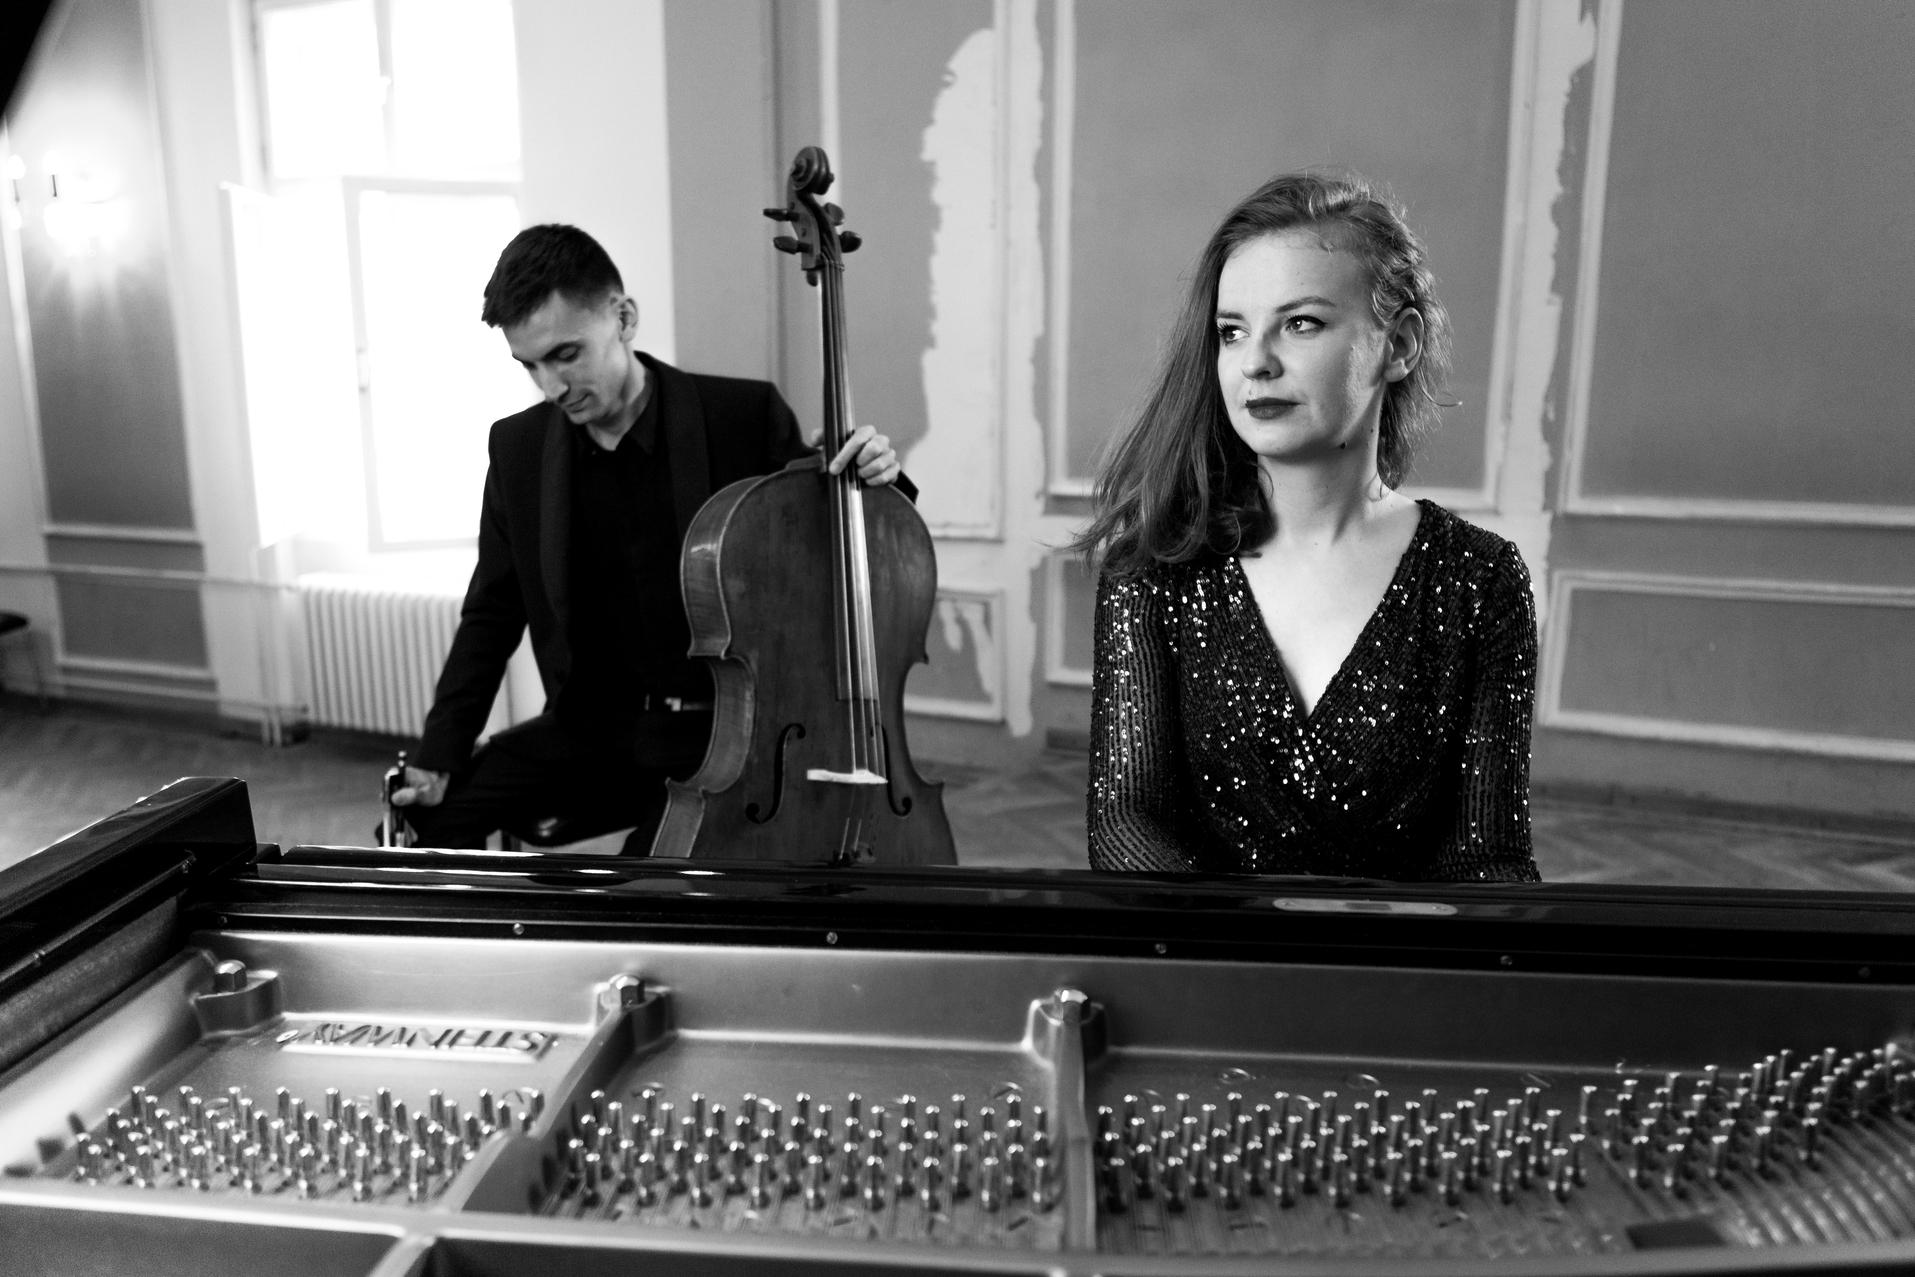 Koncert: Isak Haračić, violončelo i Sonja Marković, klavir, ponedjeljak, 30. 11. 2020. u 19,00 sati, Galerija JU BKC KS